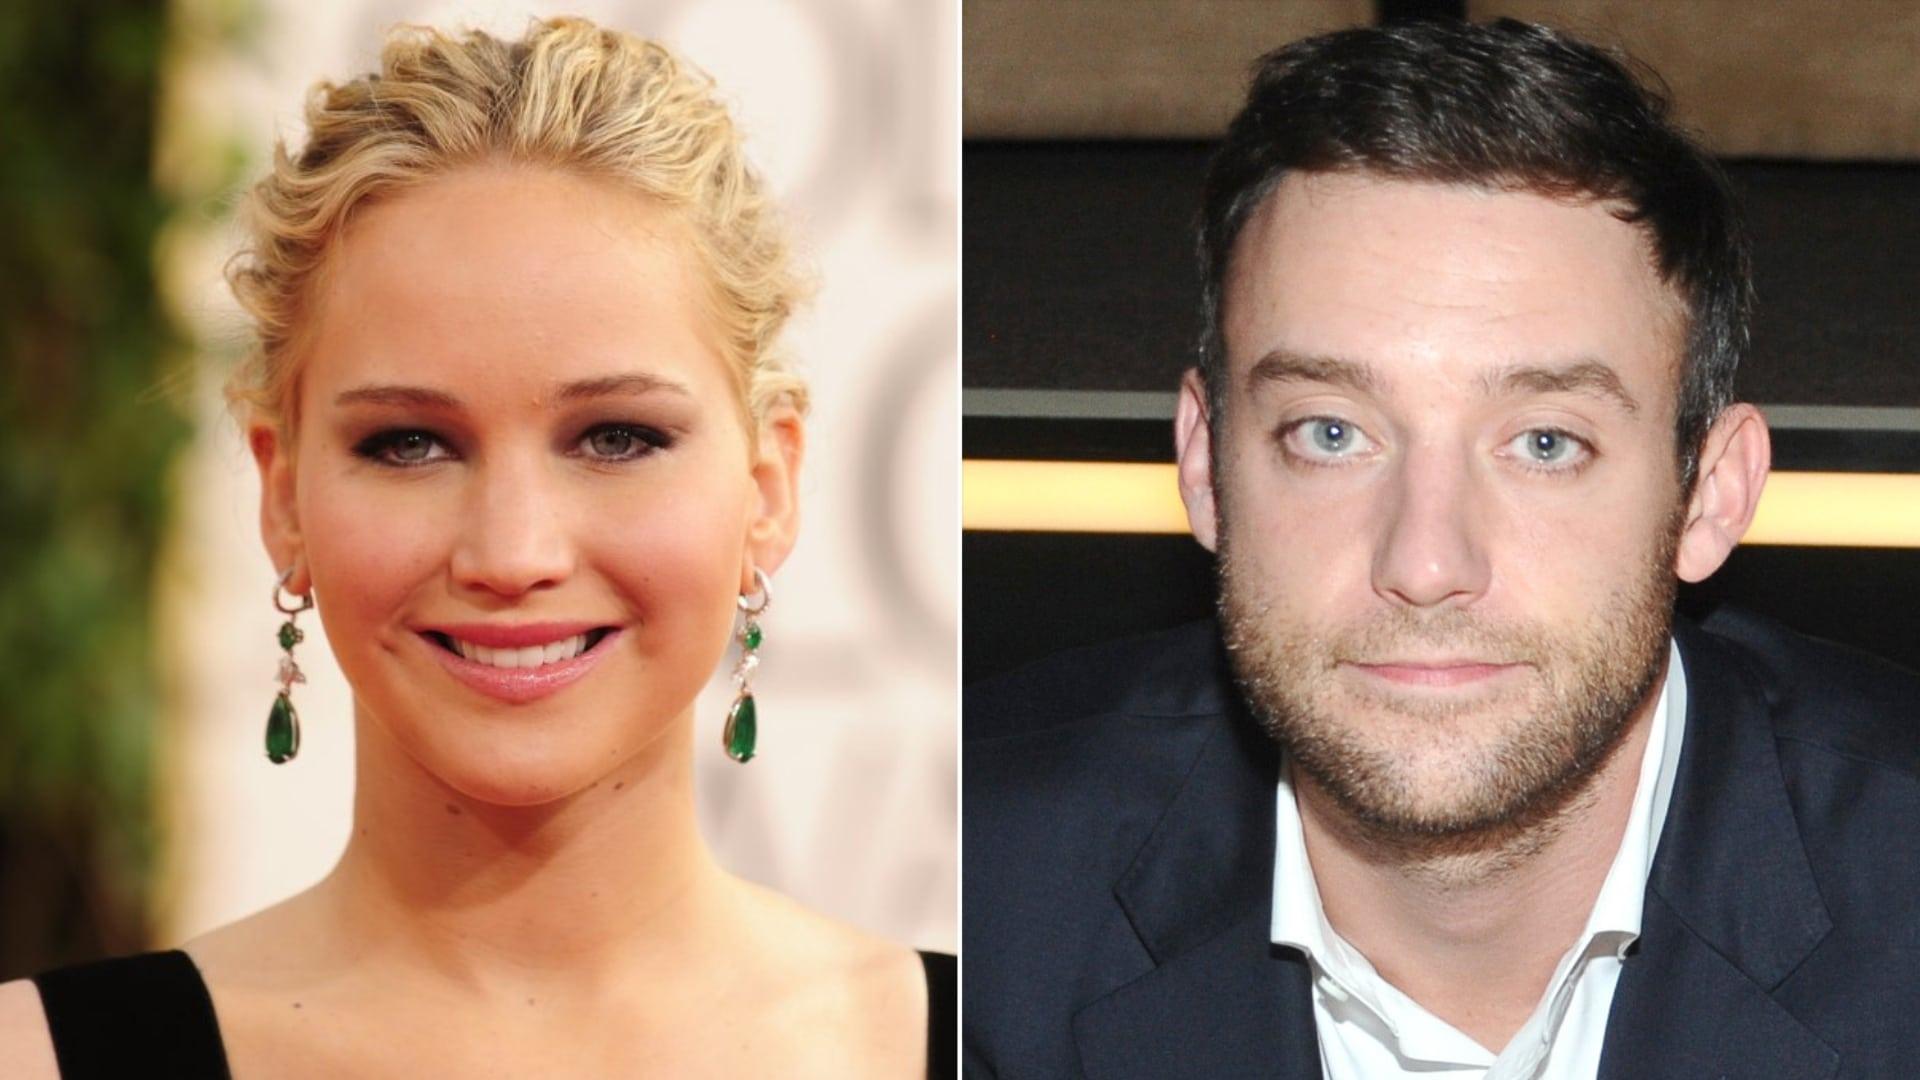 Nozze in vista per Jennifer Lawrence e Cooke Maroney: arriva la conferma